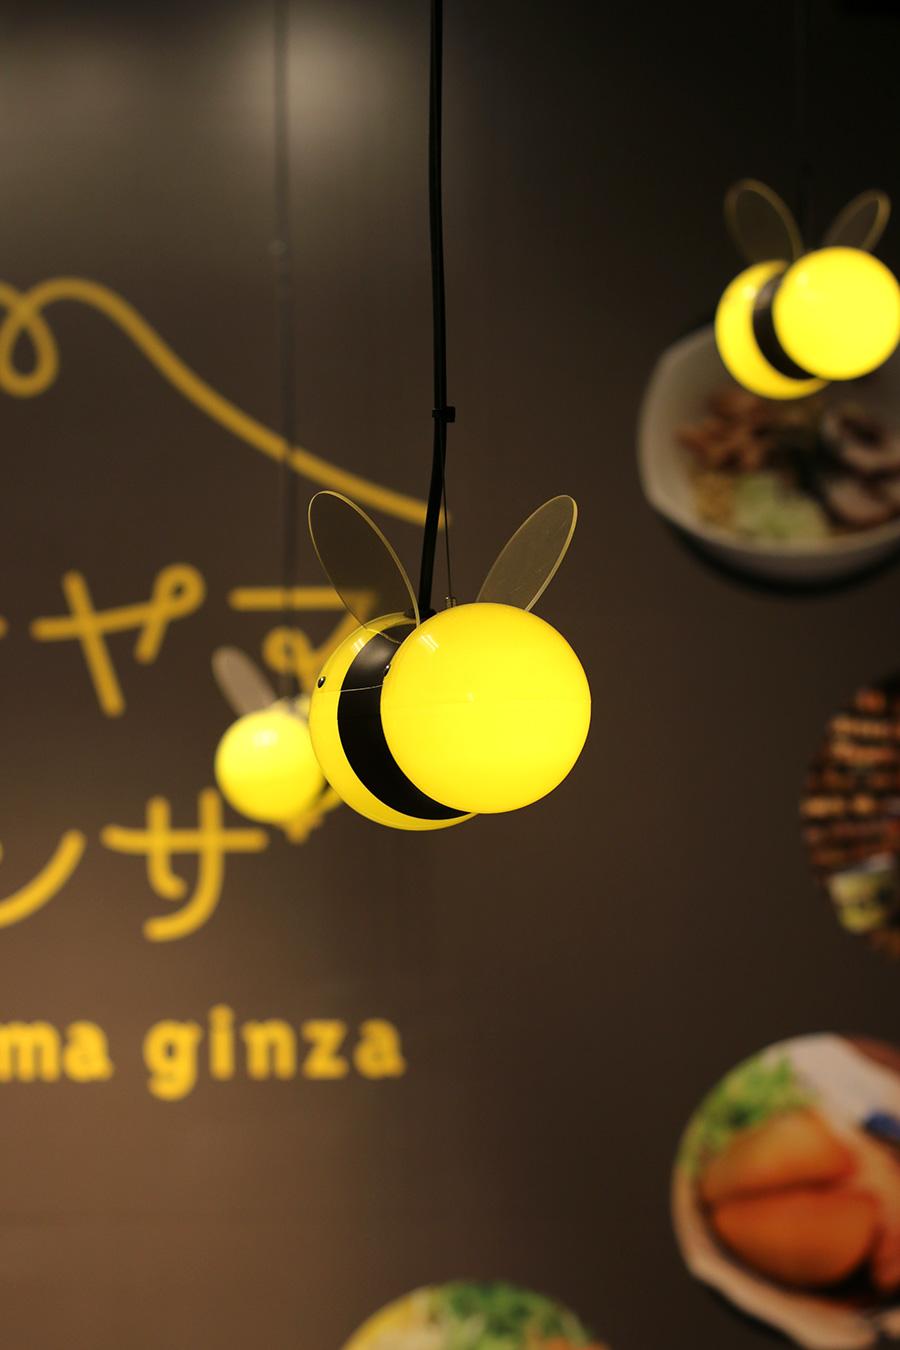 飲食店のオリジナル照明